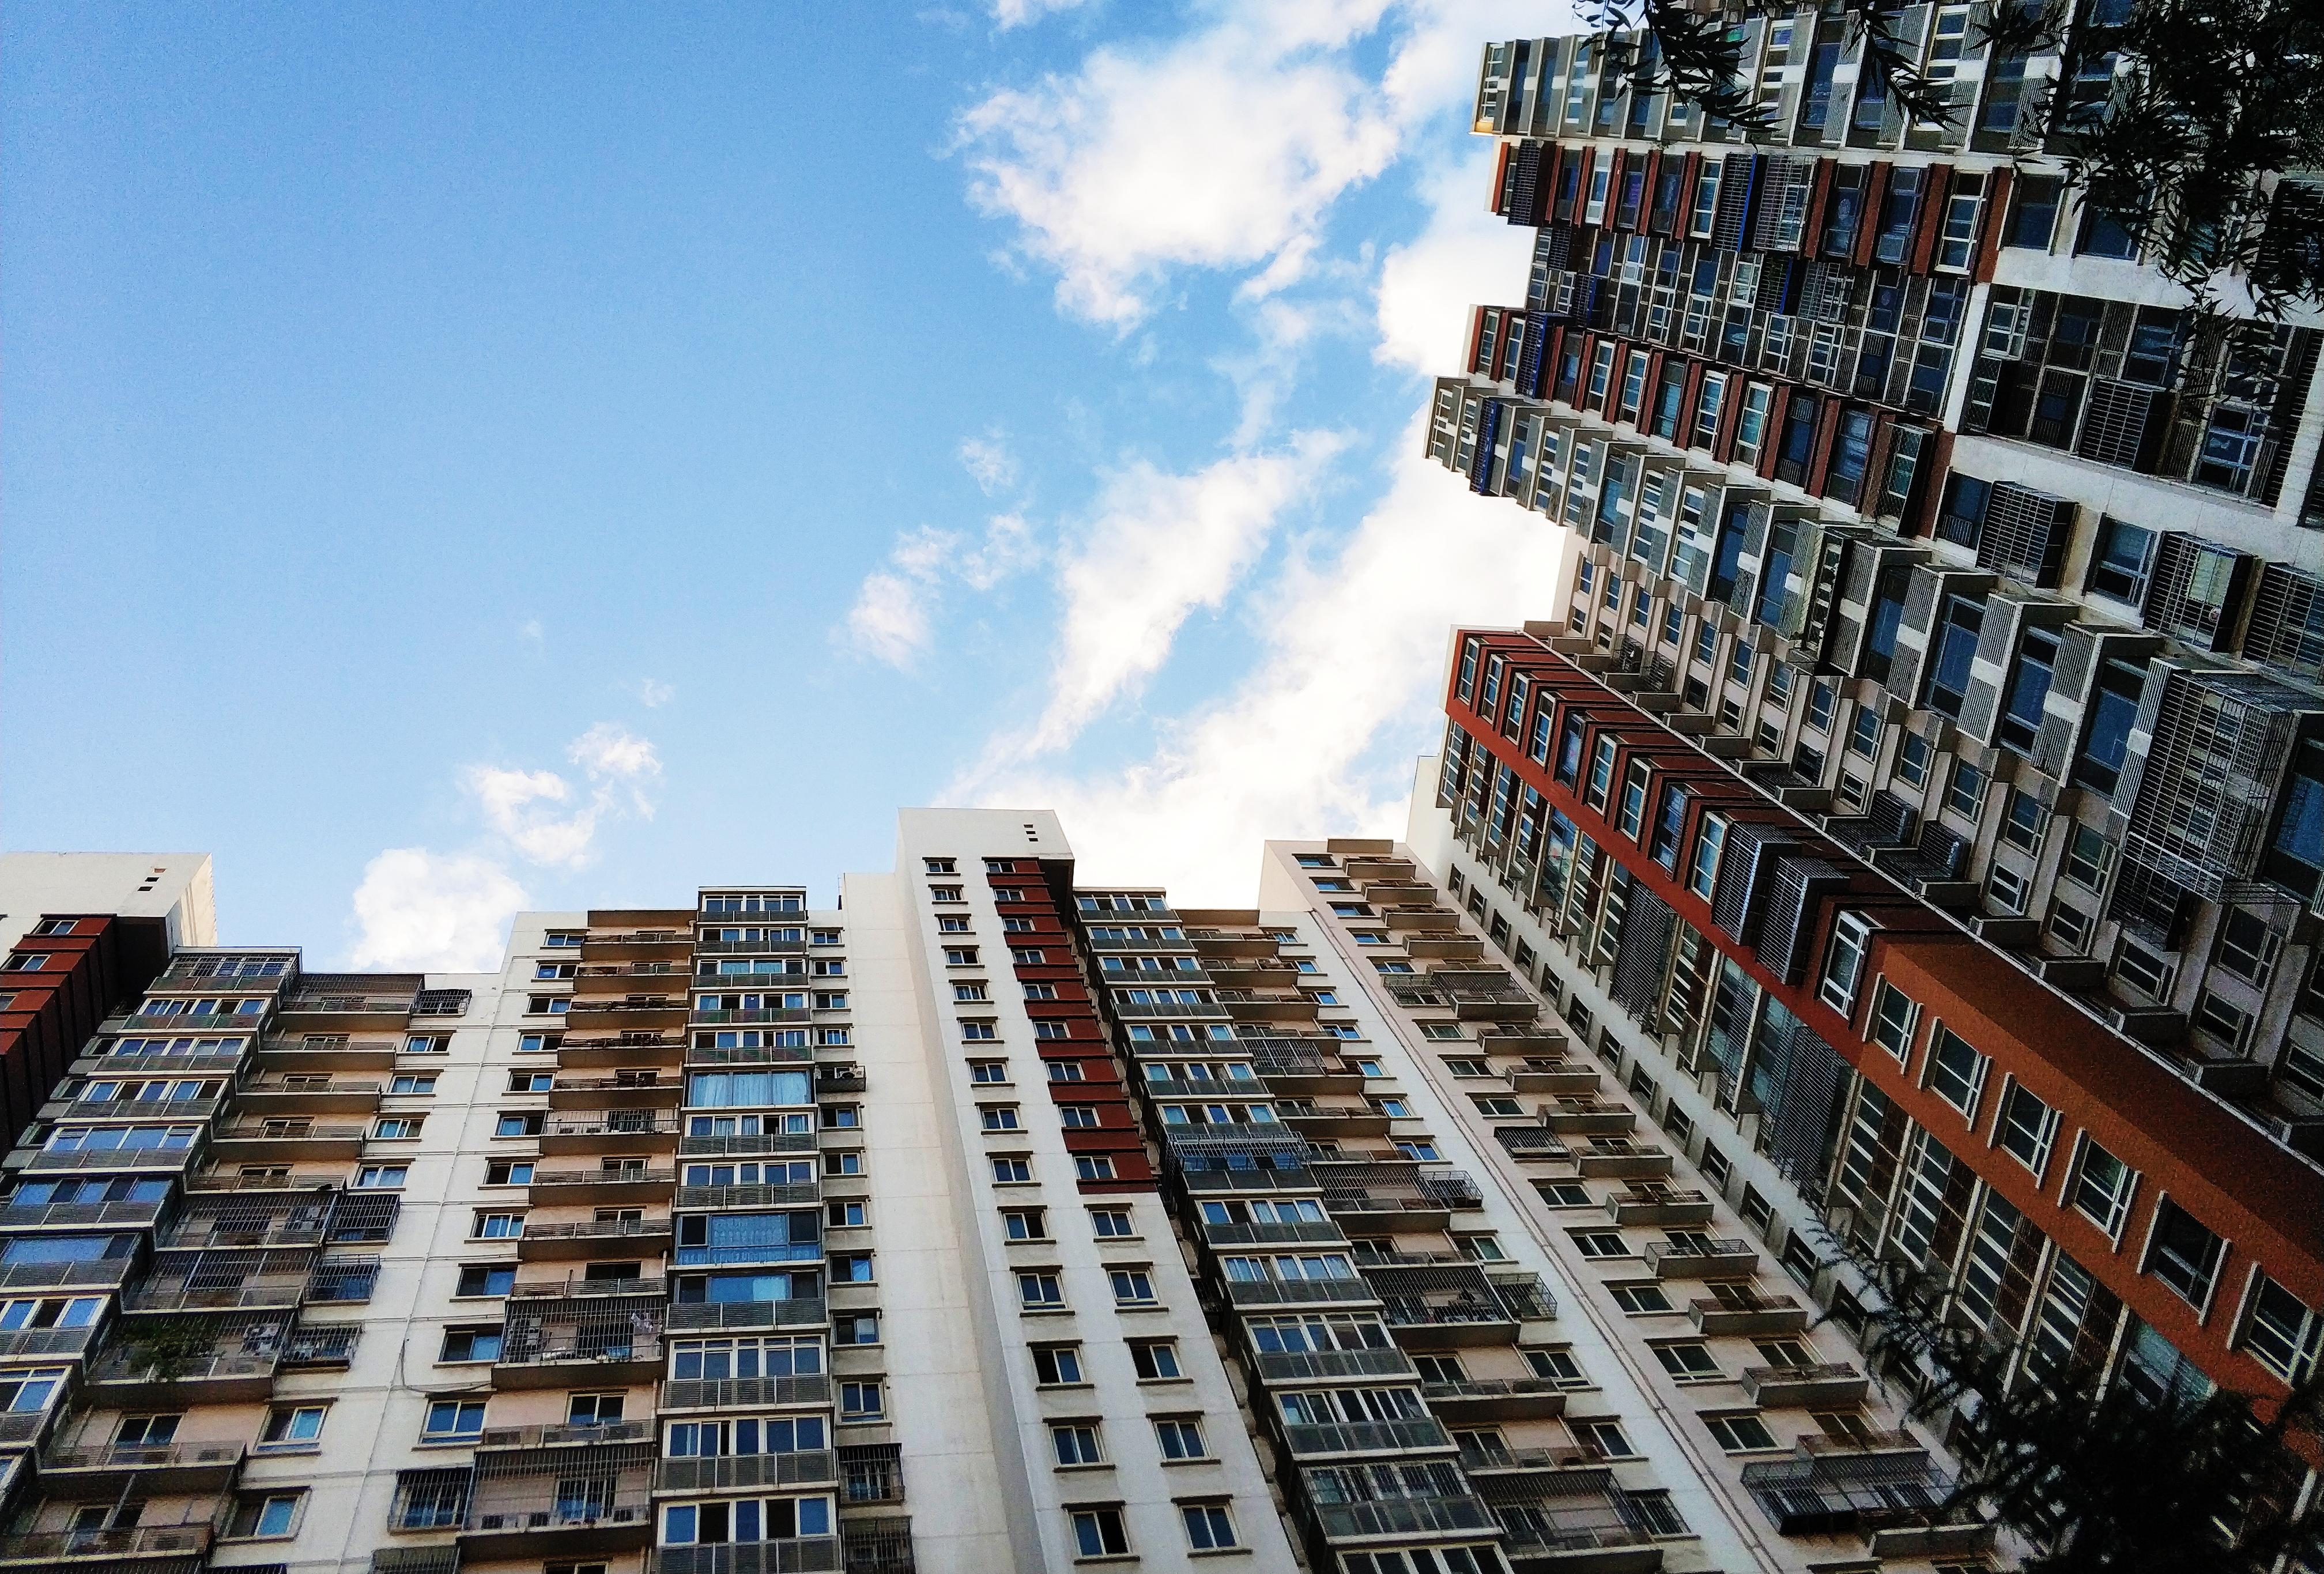 北京的蓝天